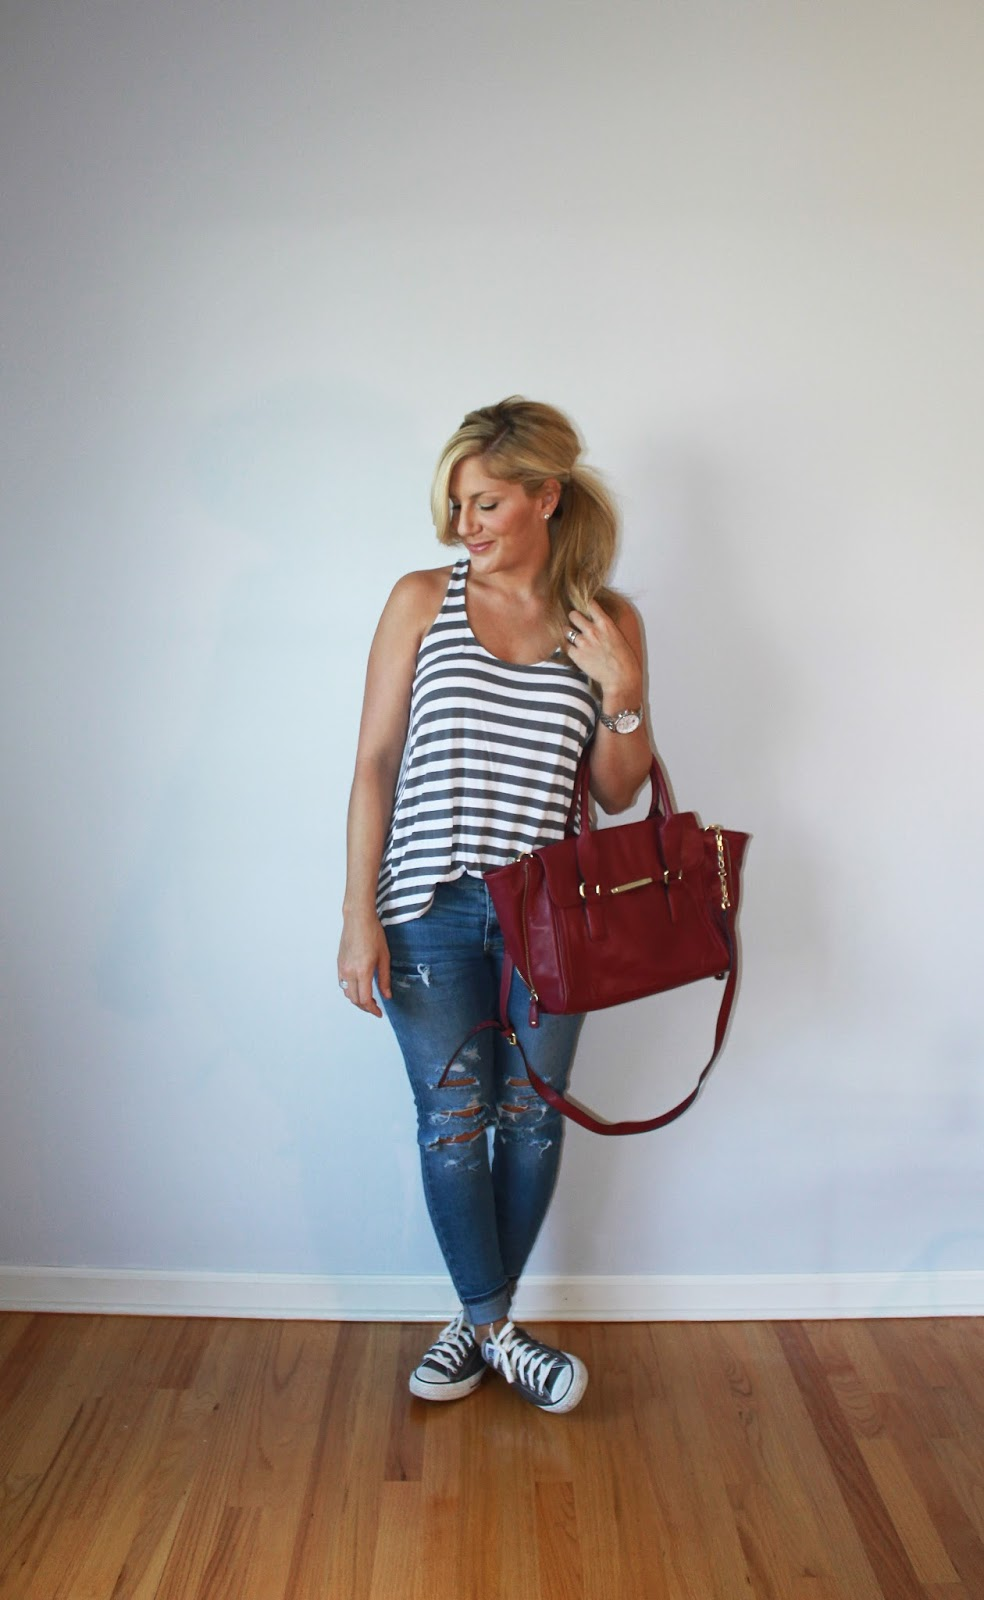 af776f6de18b1 What I'm wearing...striped tank top: Old Navy (similar), distressed denim:  Target (similar), sneakers: Converse, burgundy bag: Target (similar), ...